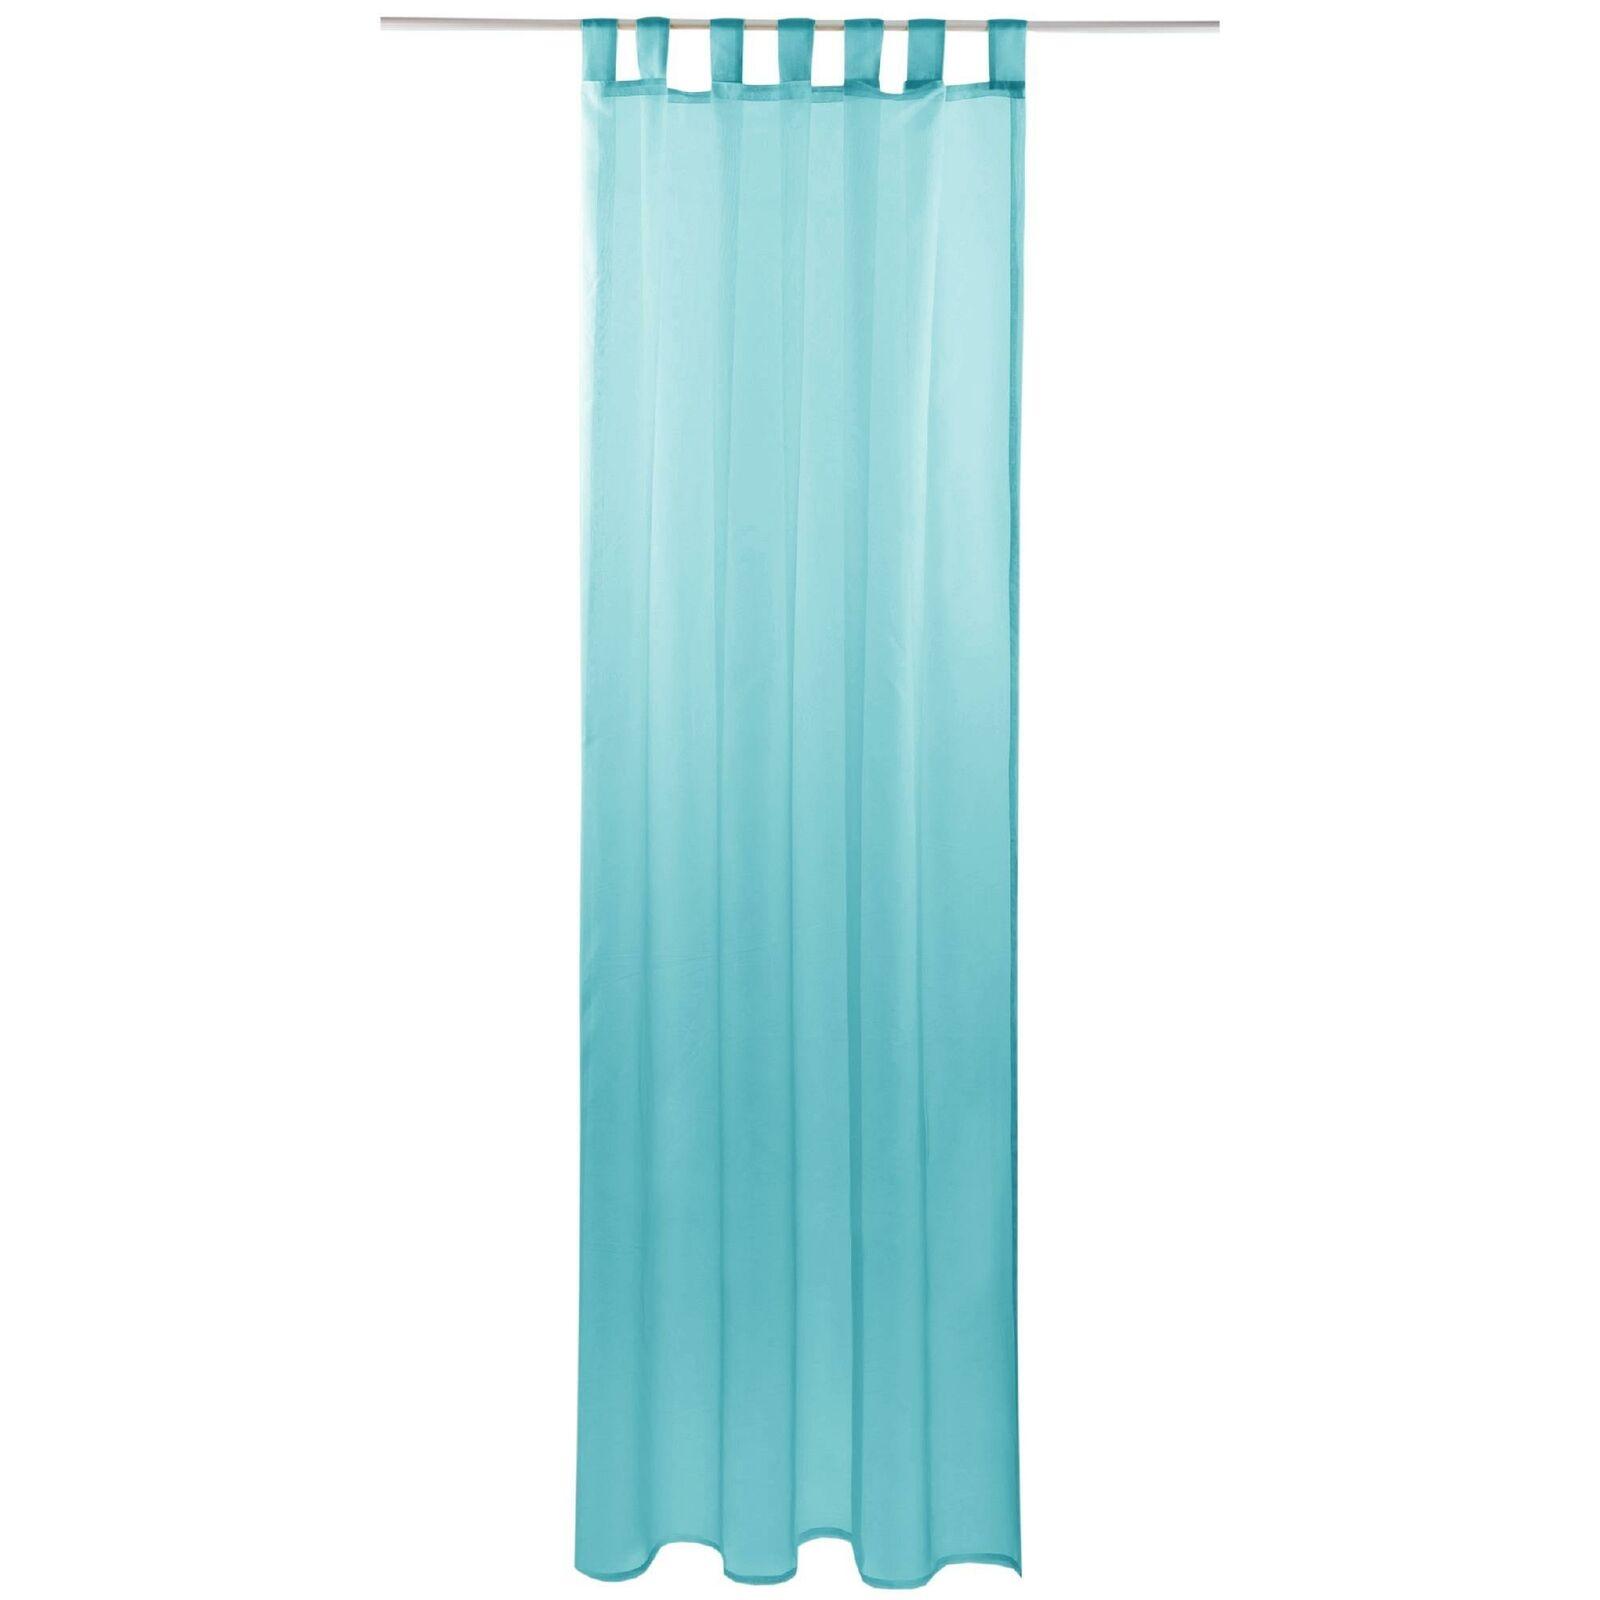 Schlaufenschal Vorhang mit Schlaufen Transparent Voile Uni Gardine große Auswahl türkis - aqua